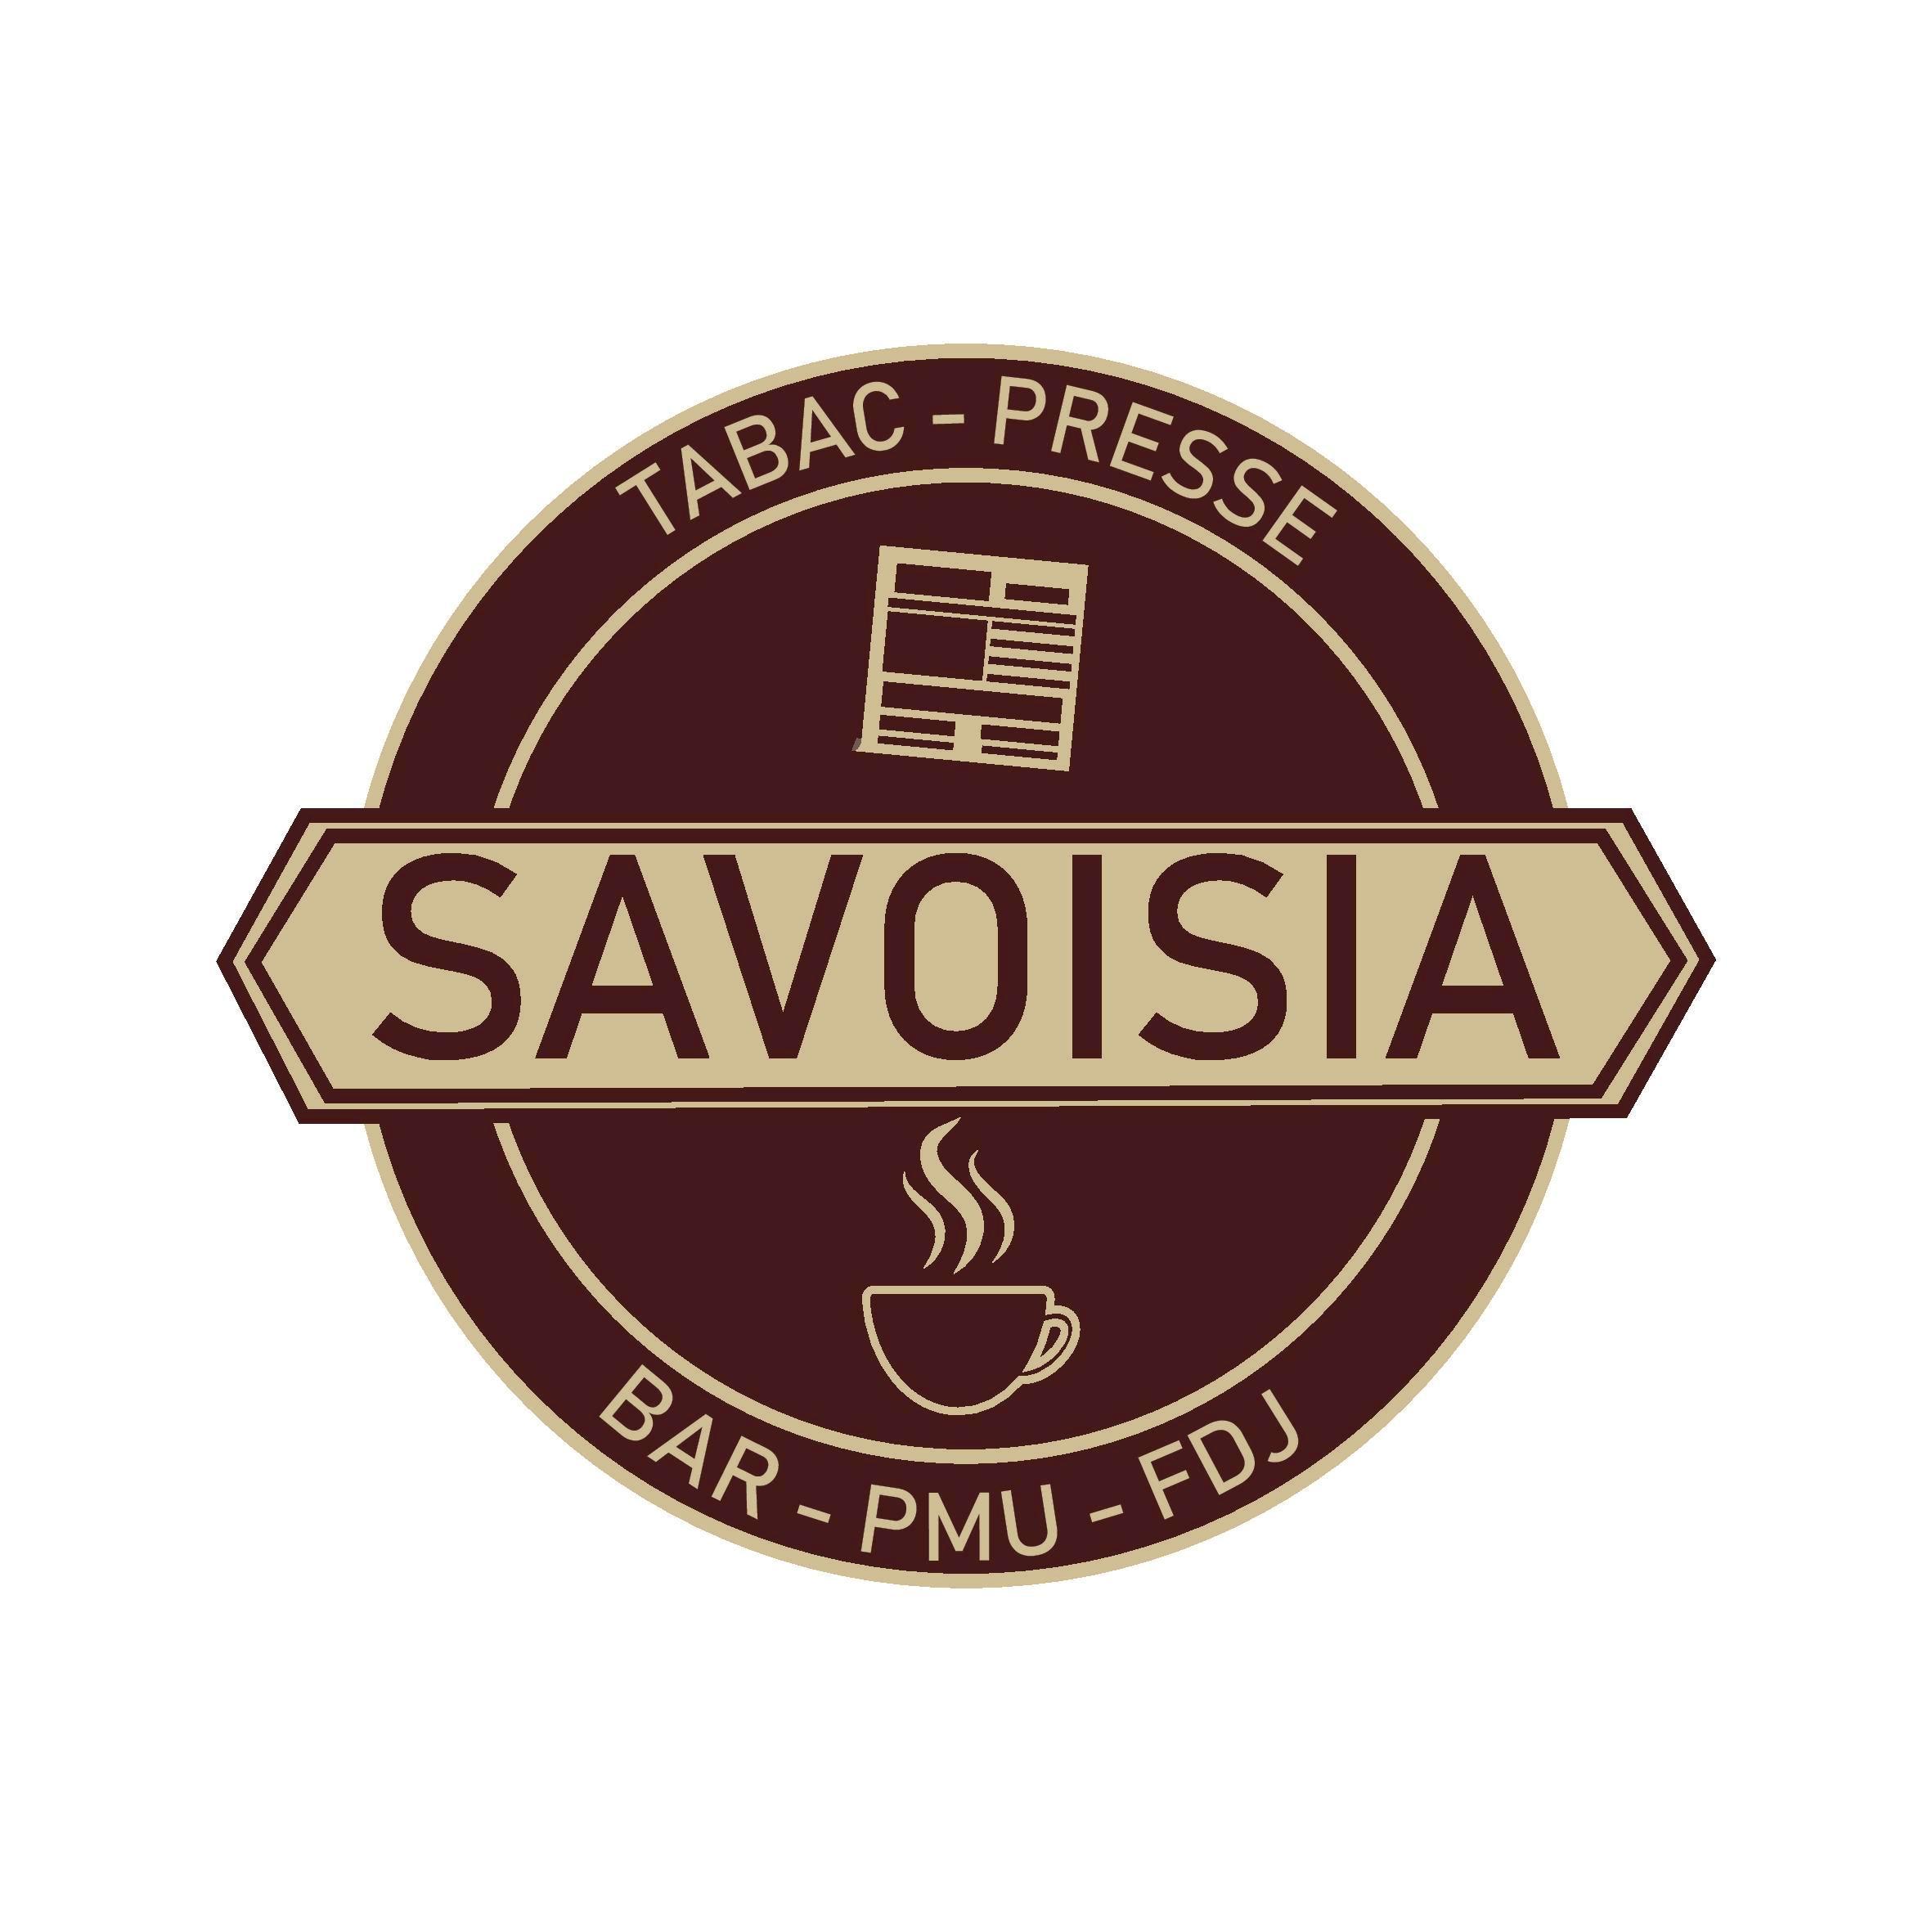 Le Savoisia